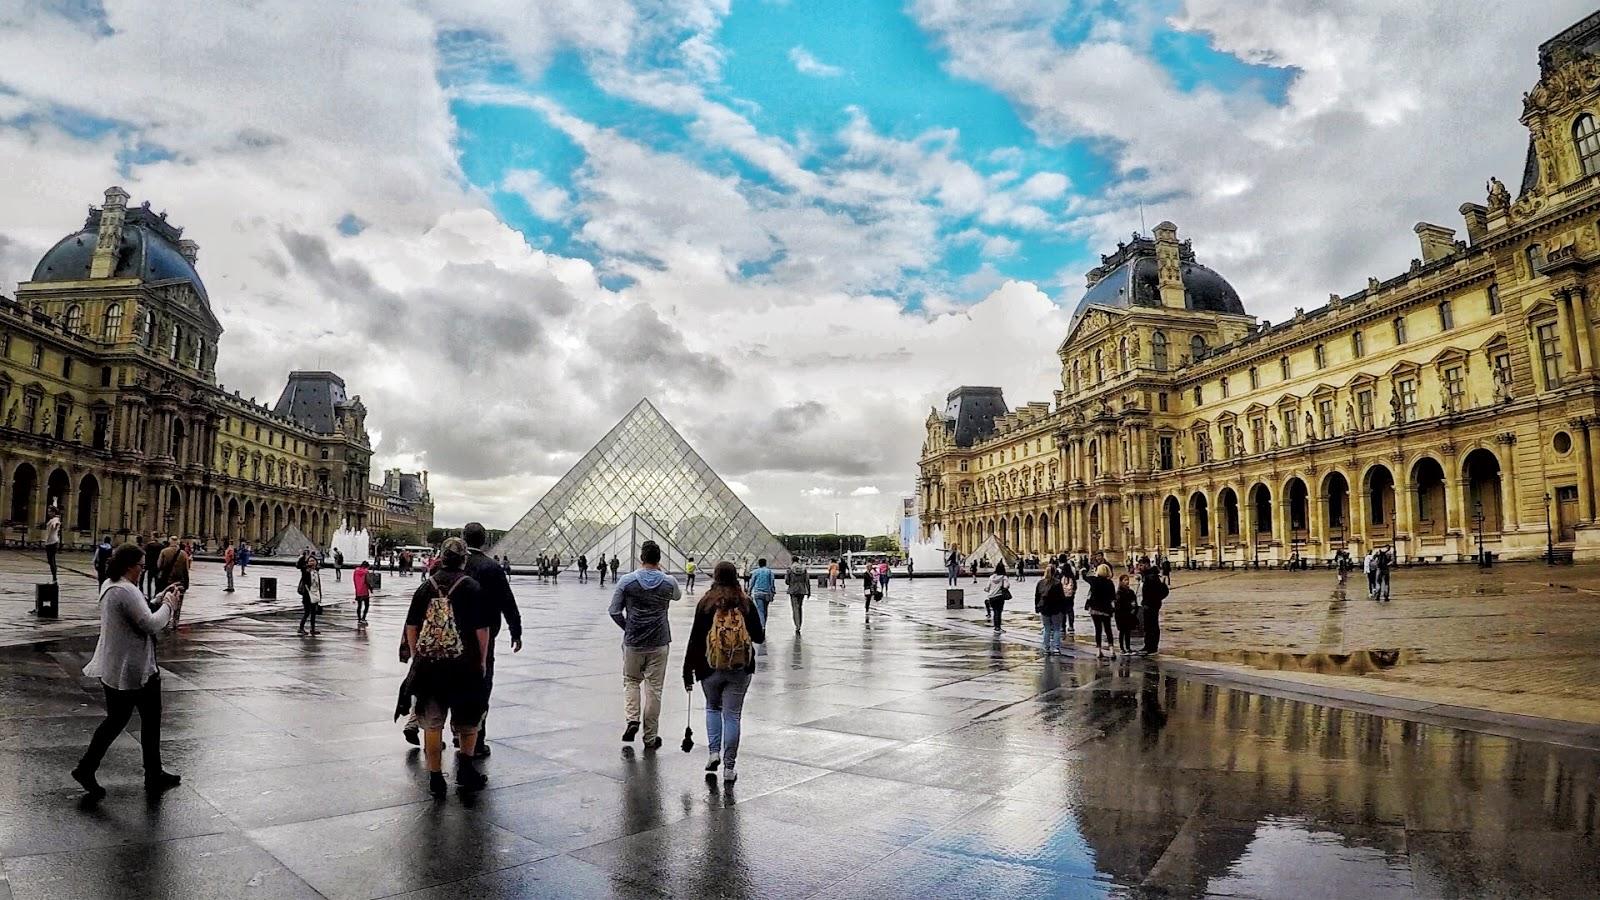 the louvre, paris, the louvre in paris, museums in Paris, Mona Lisa, Le Pyramide, entrance to the Louvre